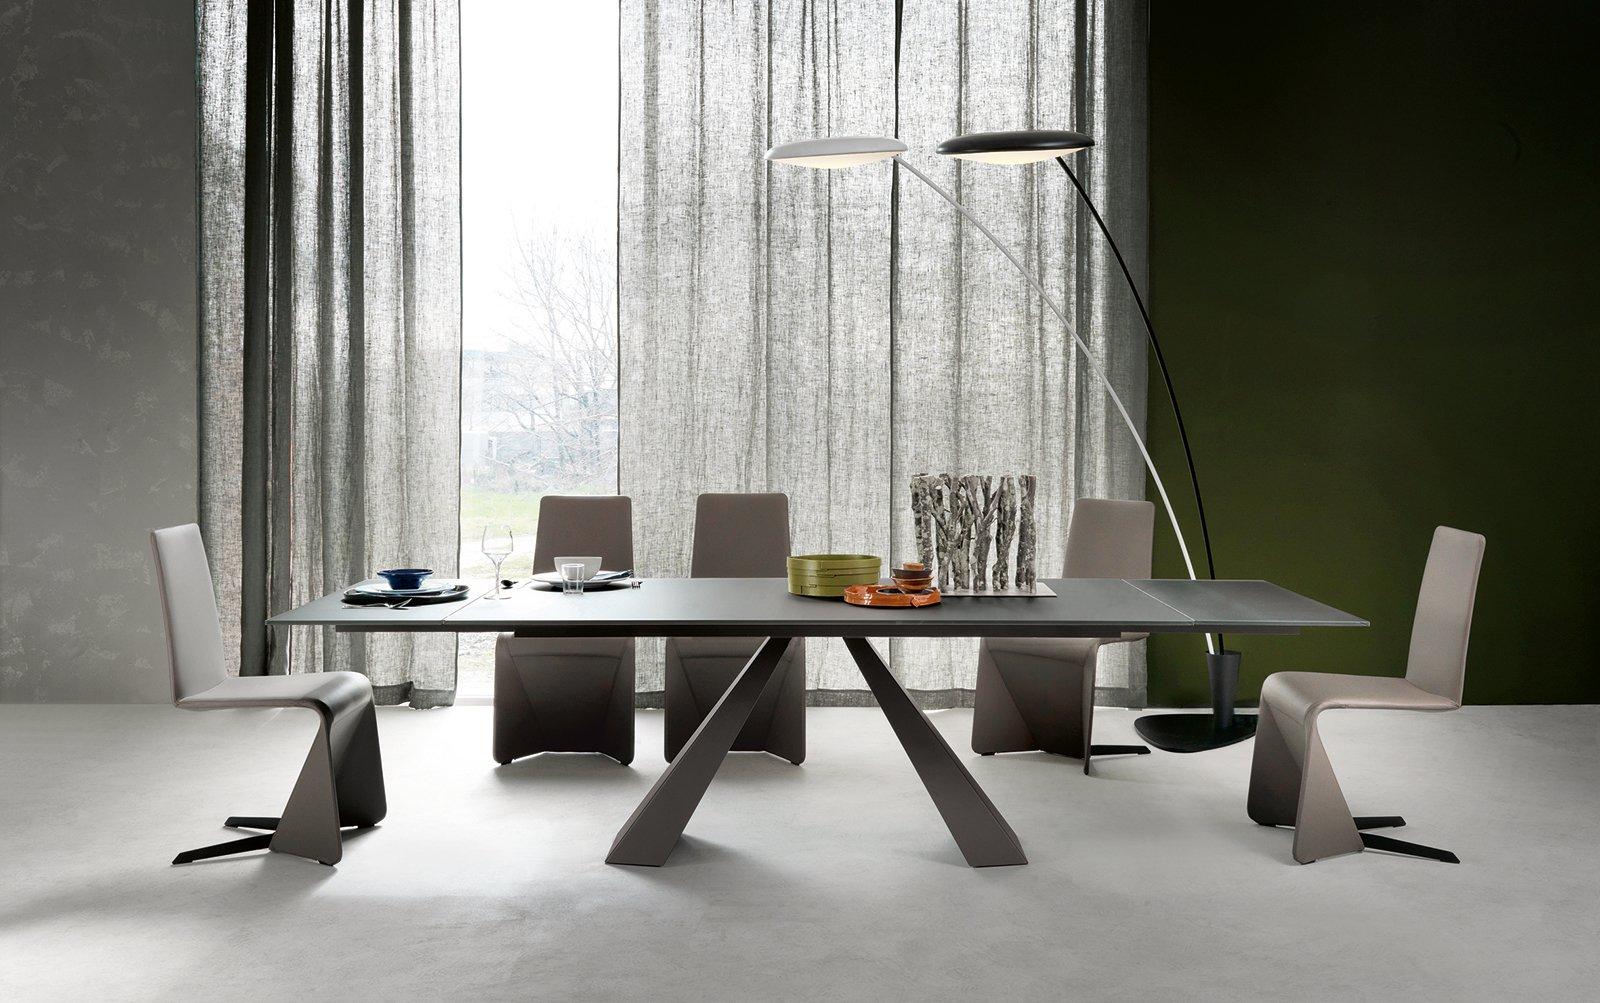 Tavoli con sostegno centrale cose di casa - Tavolo di vetro ...